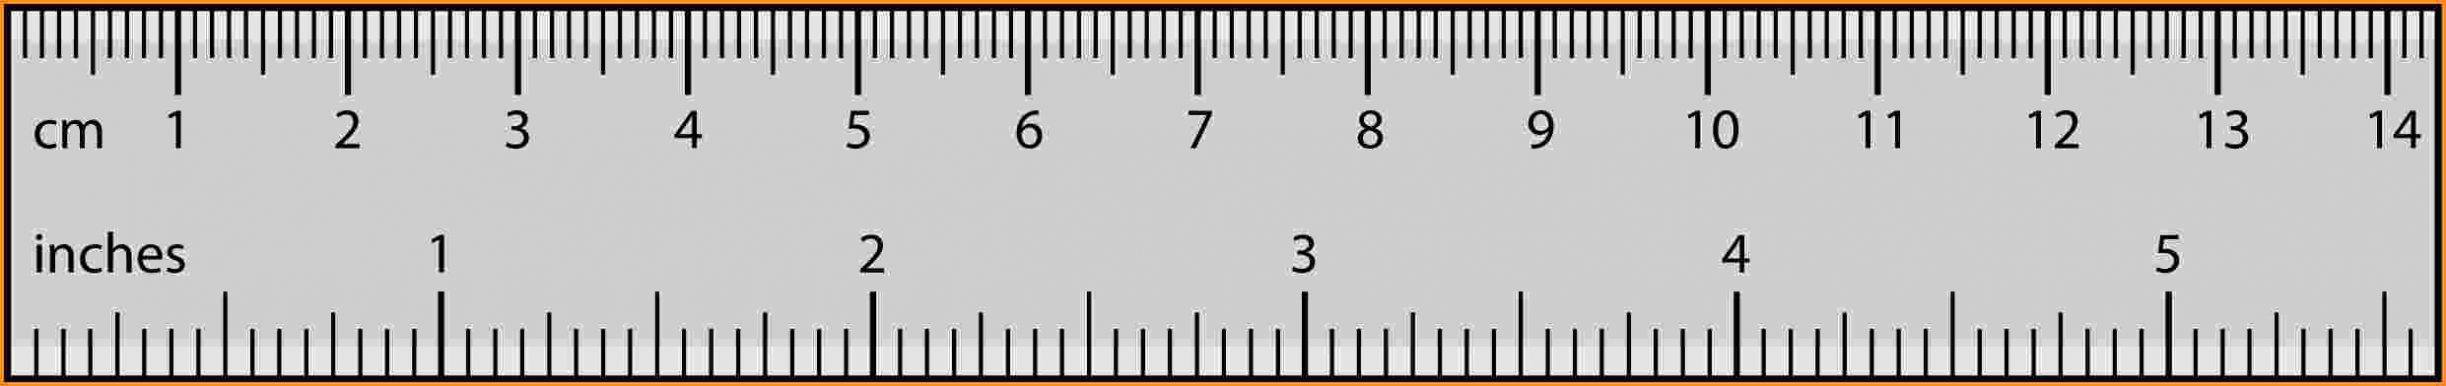 Real Size Ruler - Bakara.luckincsolutions